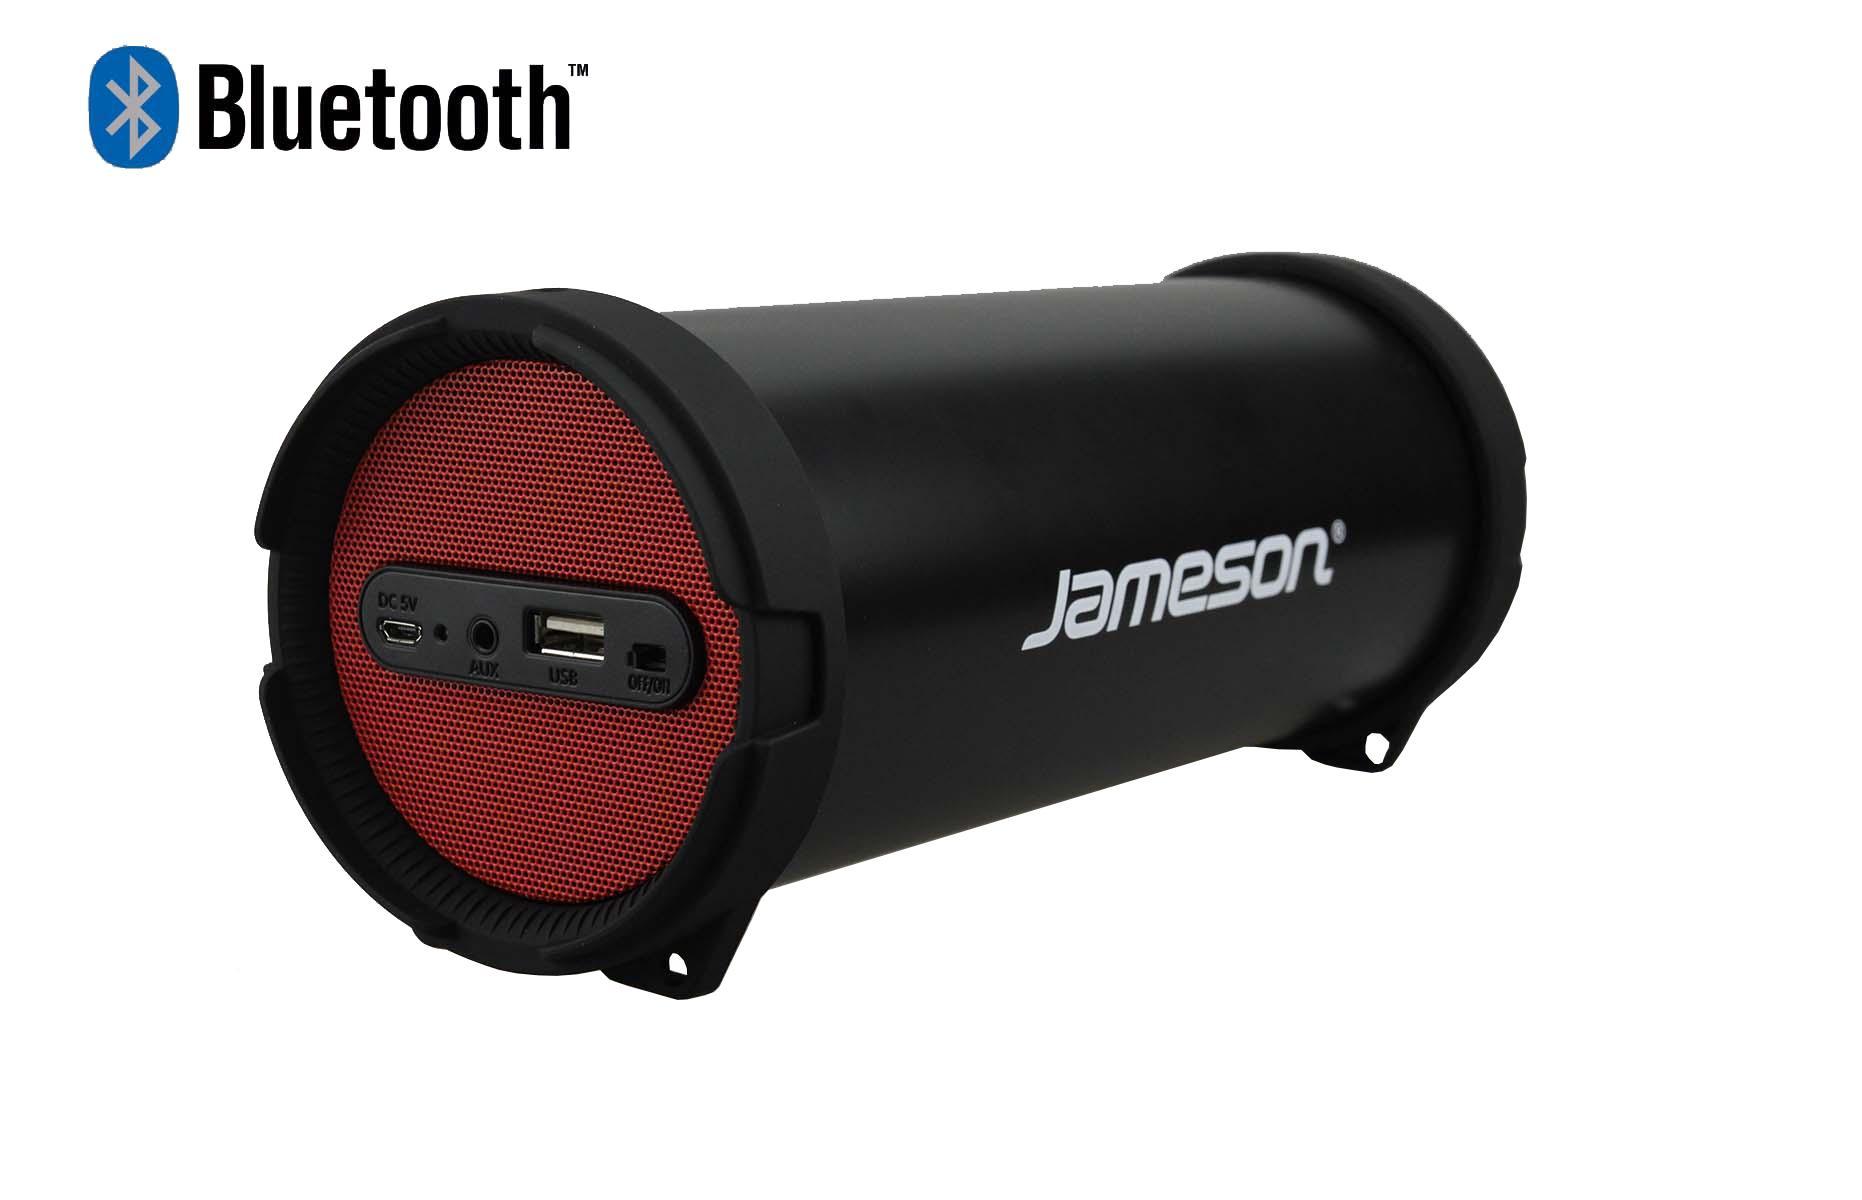 Bt-1100 Müzik Kutusu Şarjlı Bluetooth Fm/Usb